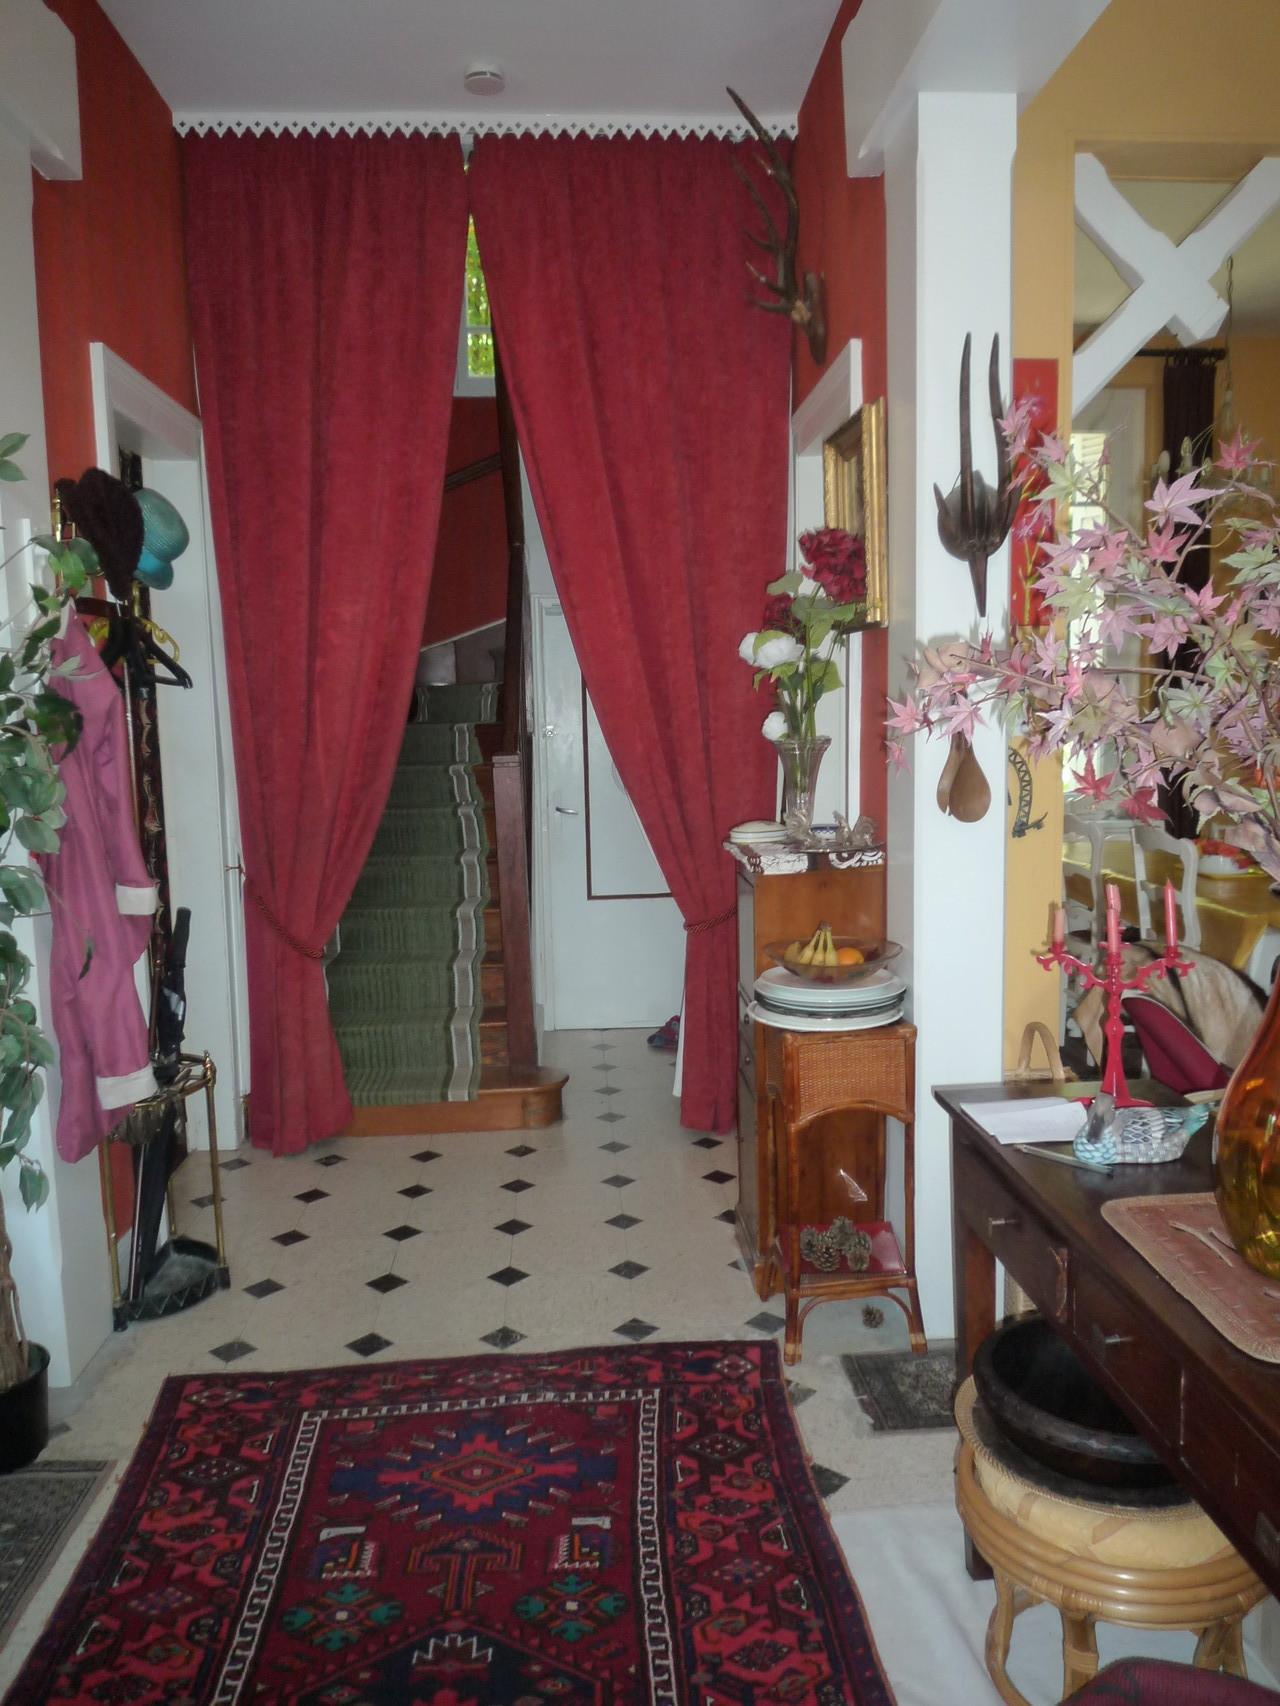 escaliers vus du couloir de l'entrée